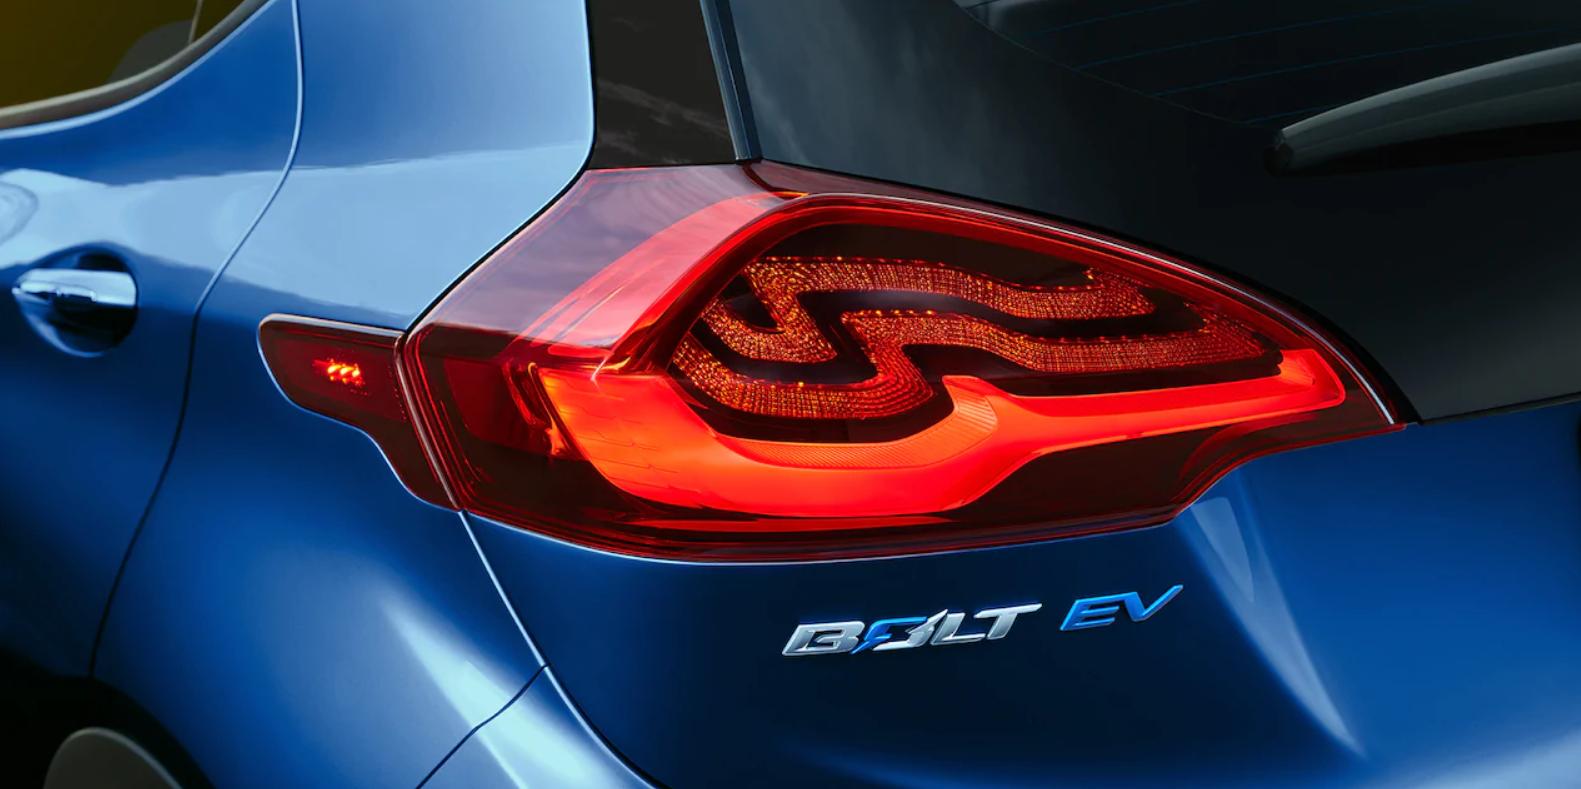 Chevrolet Bolt EV 2019 calaveras